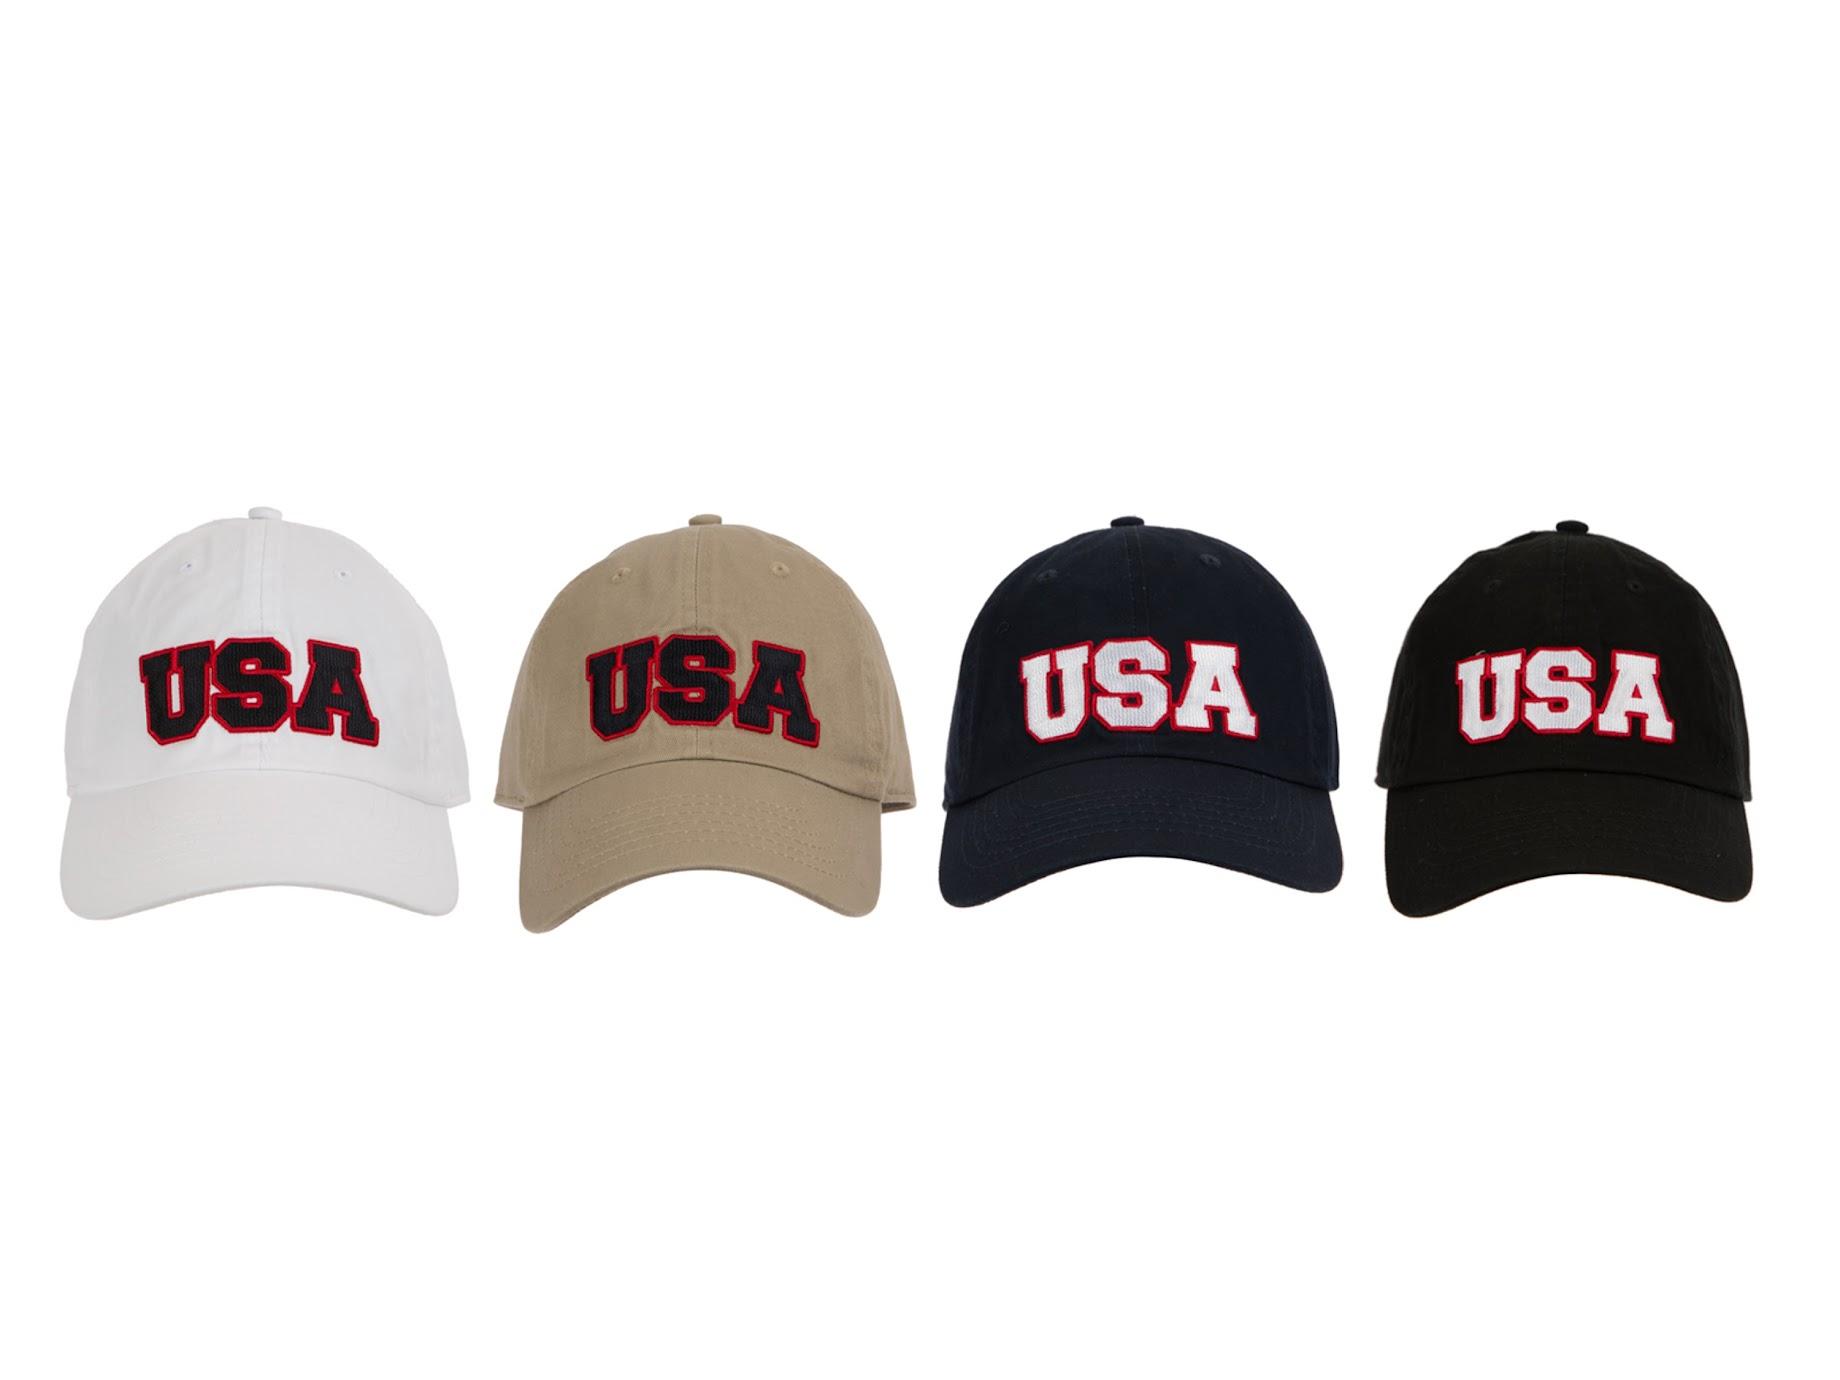 USA-1405 Image